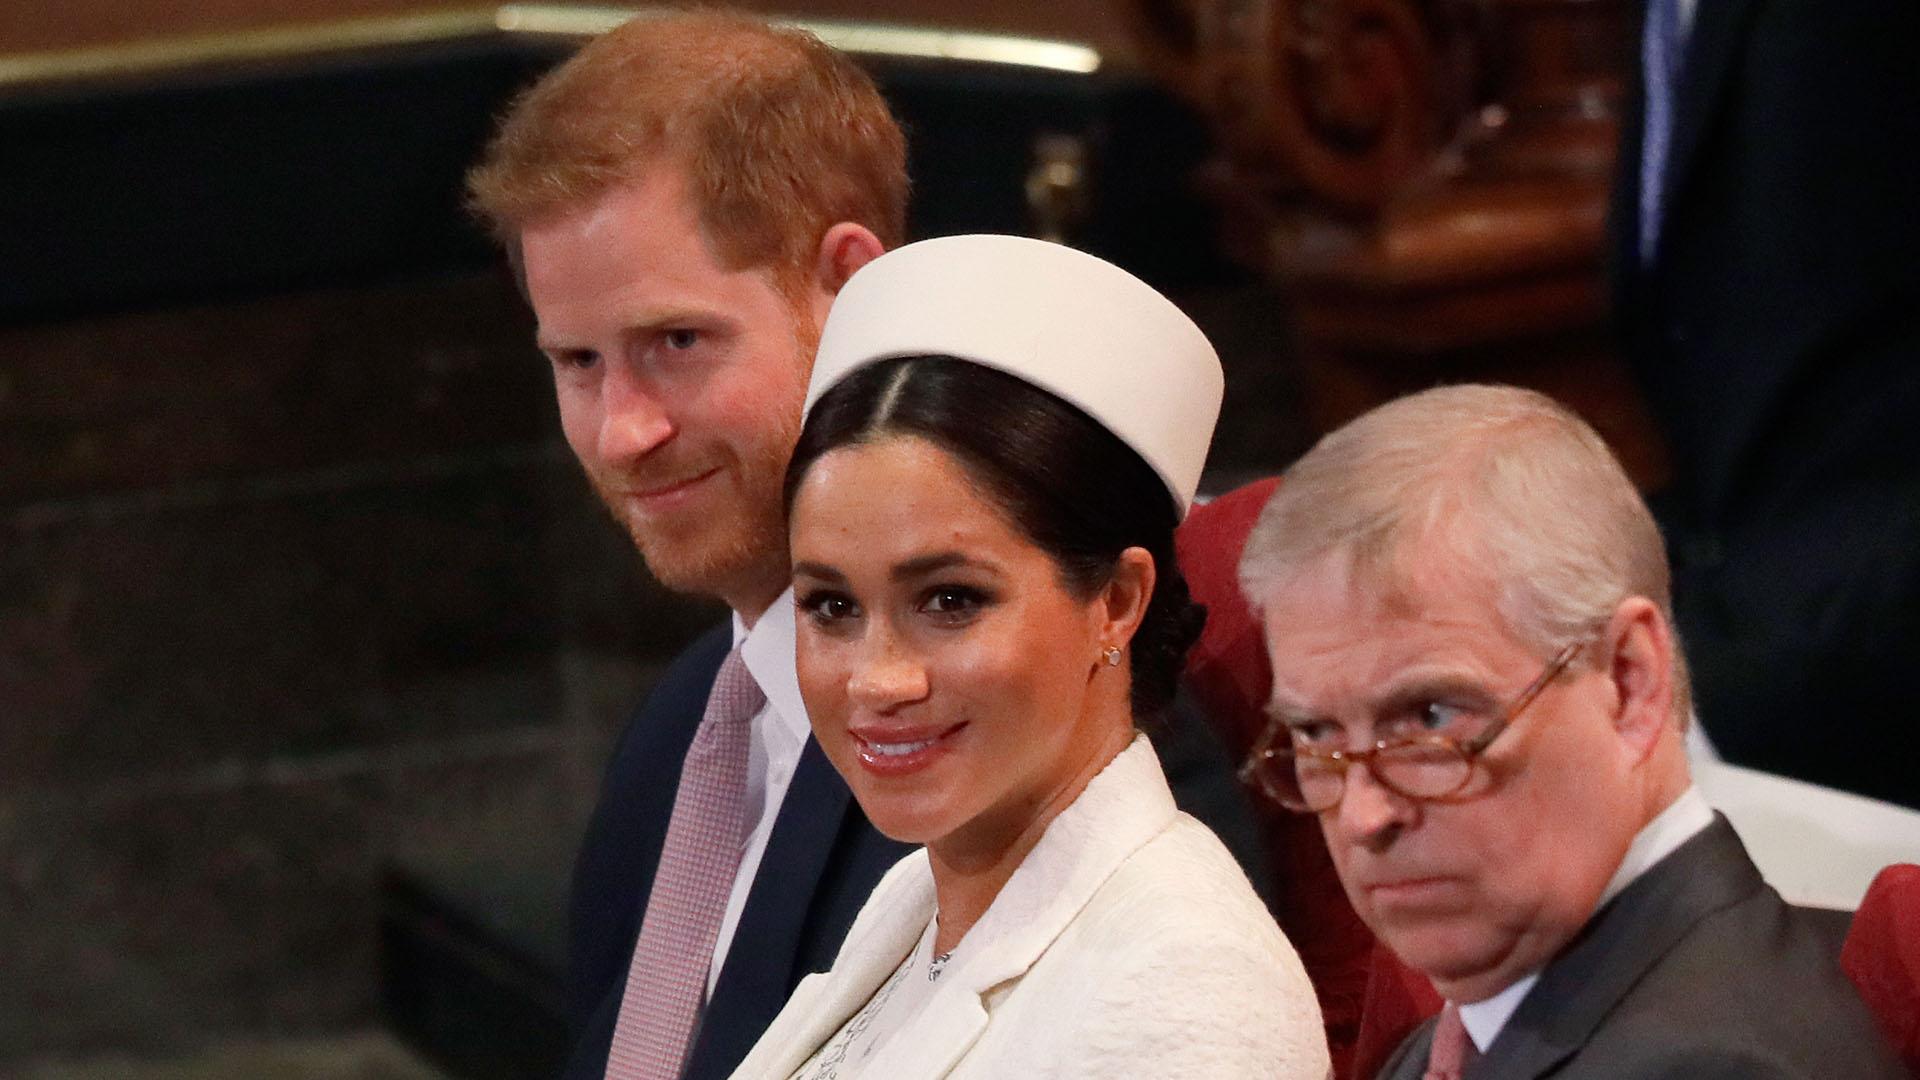 Más atrás el príncipe Harry junto a su esposa Meghan Markle